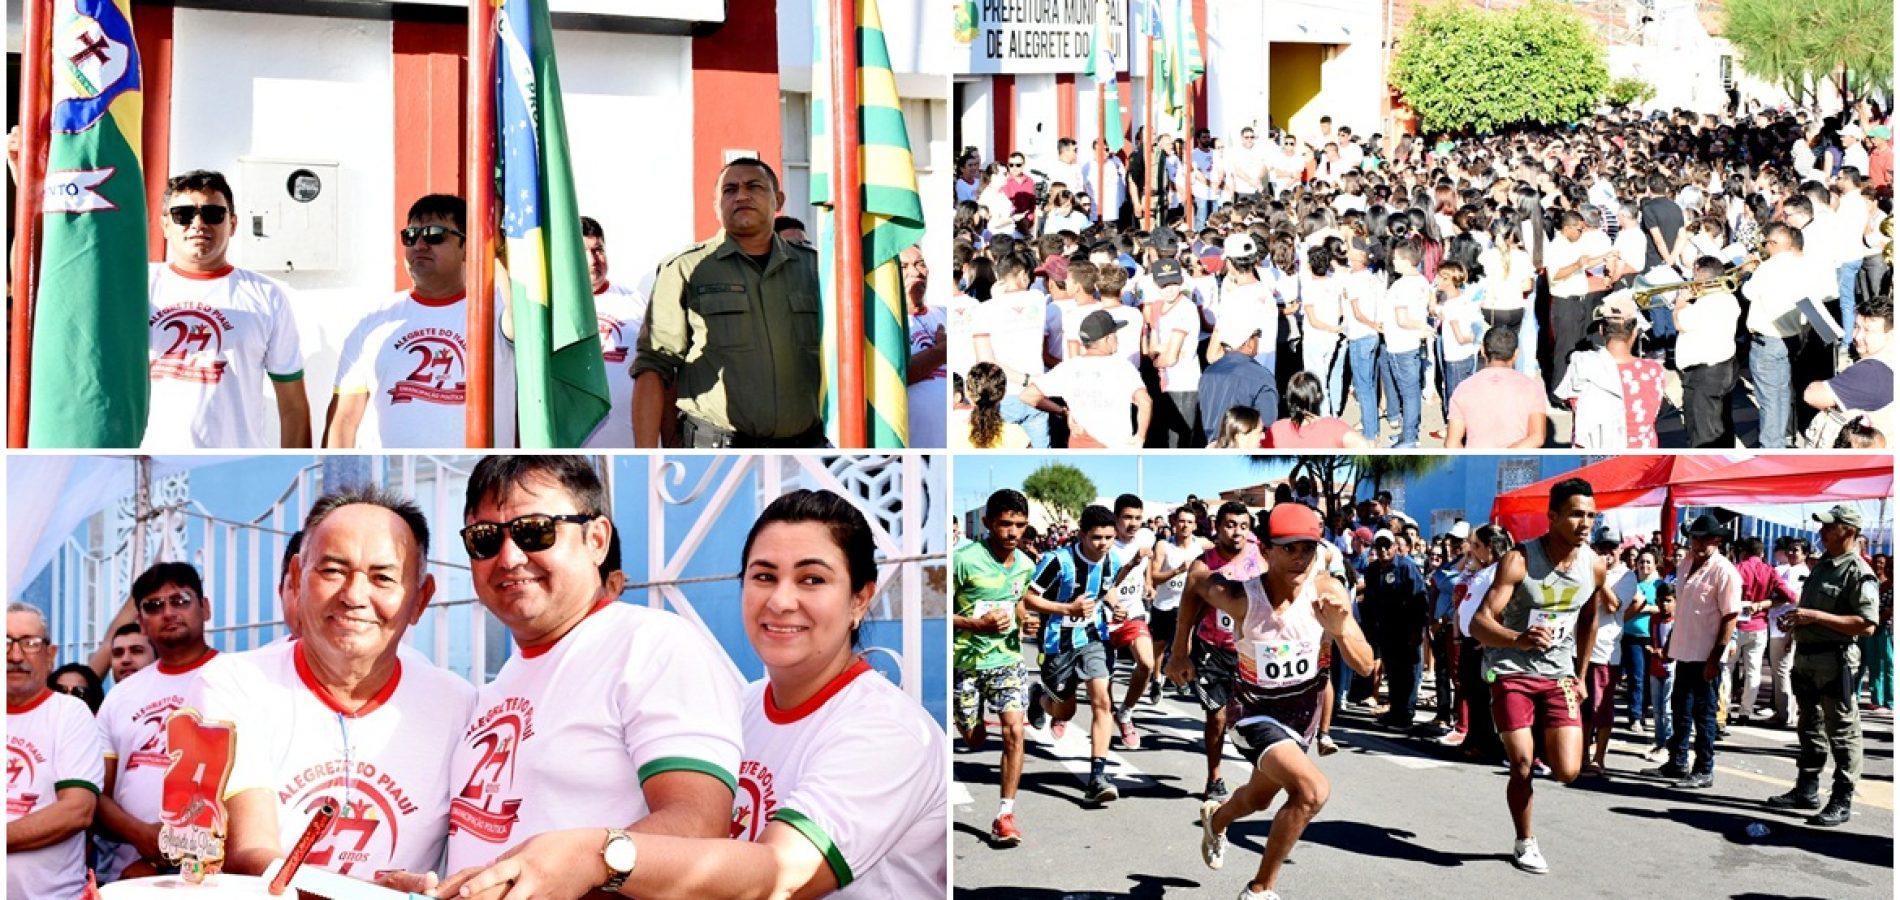 Ato Cívico, corte do bolo e maratonas abrem as comemorações dos 27 anos de Alegrete do Piauí. Veja fotos!